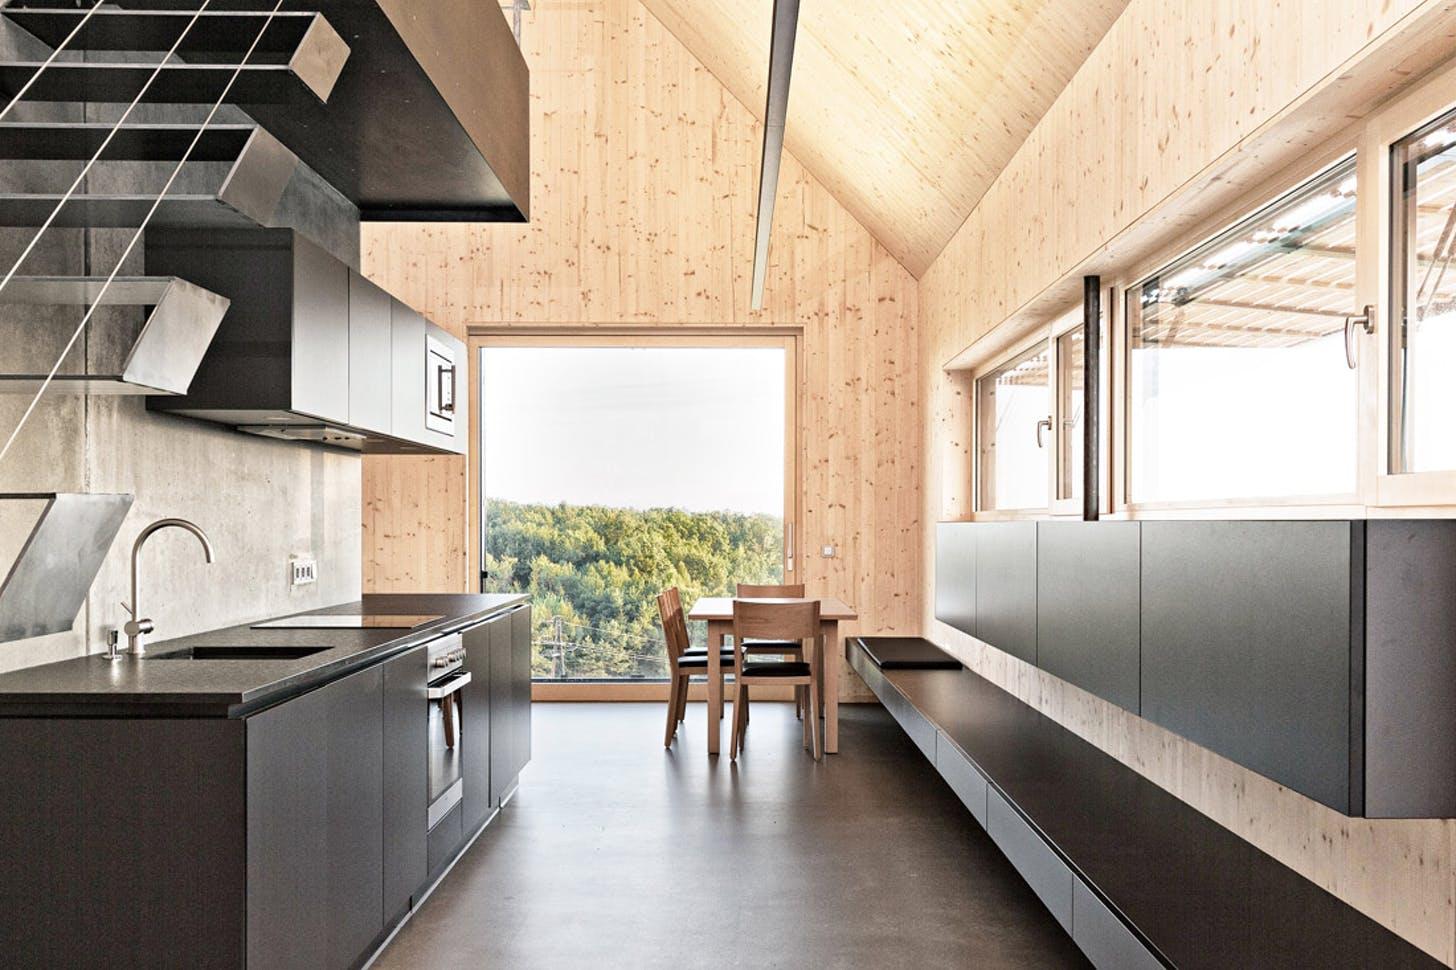 кухня в деревянном доме в стиле минимализм